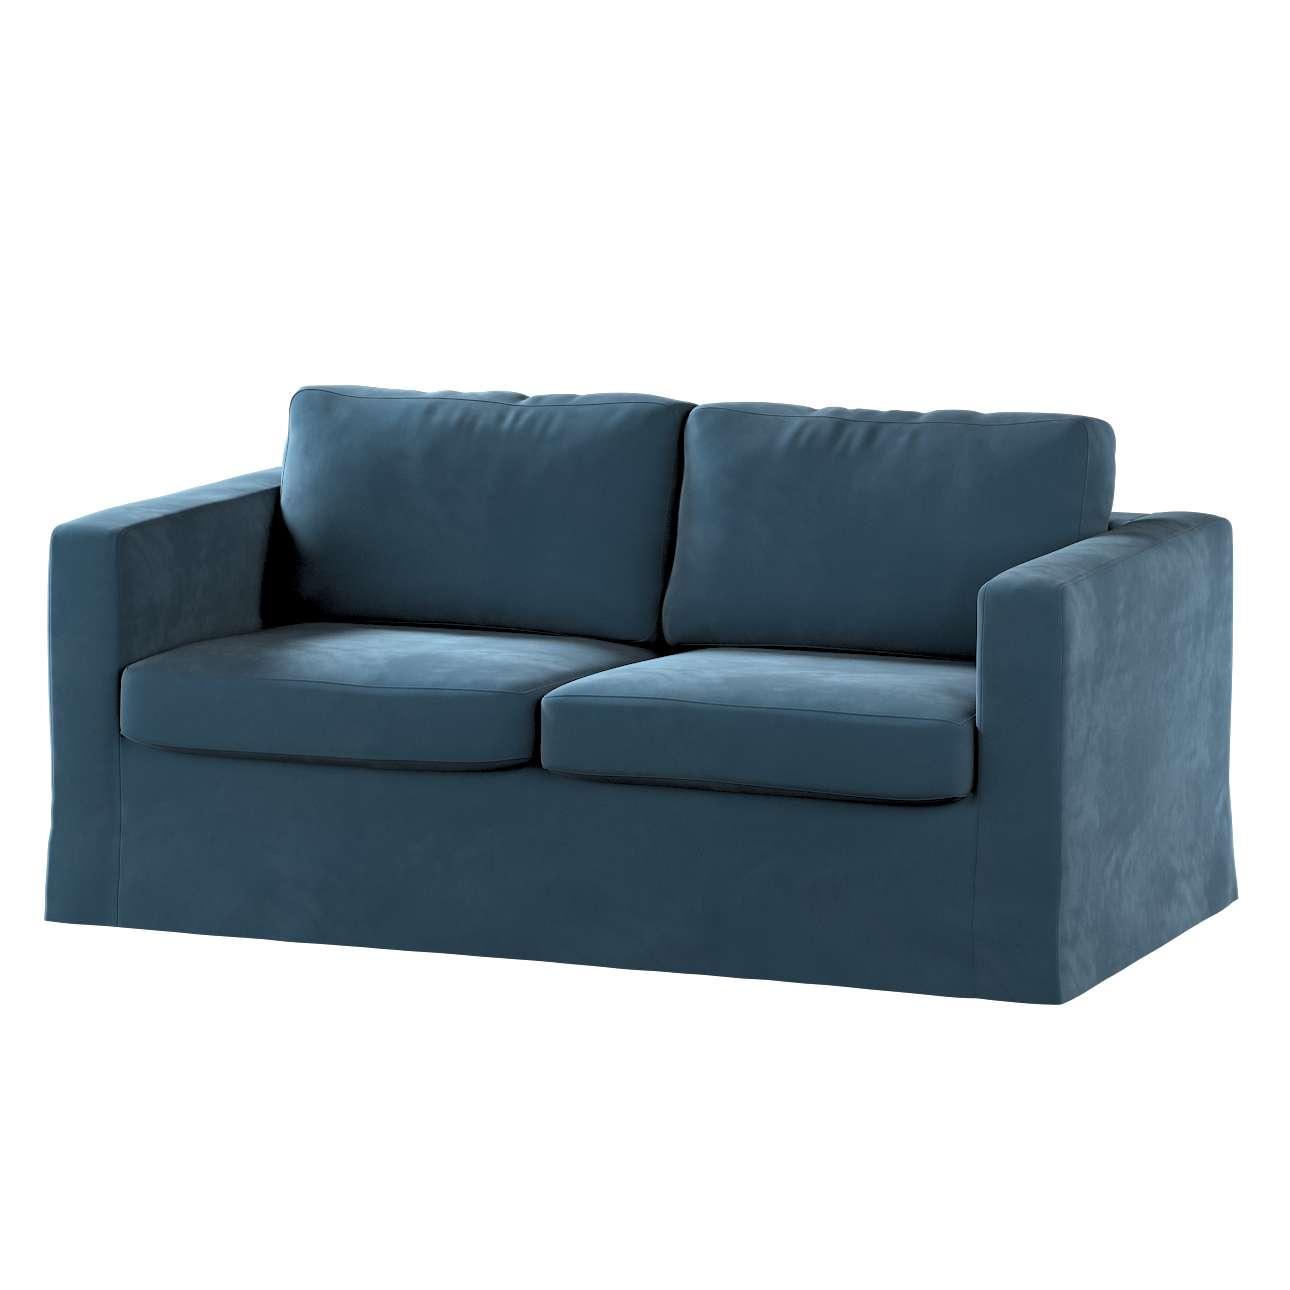 Hoes (lang) voor IKEA-Karlstad 2-zitsbank van de collectie Velvet, Stof: 704-16